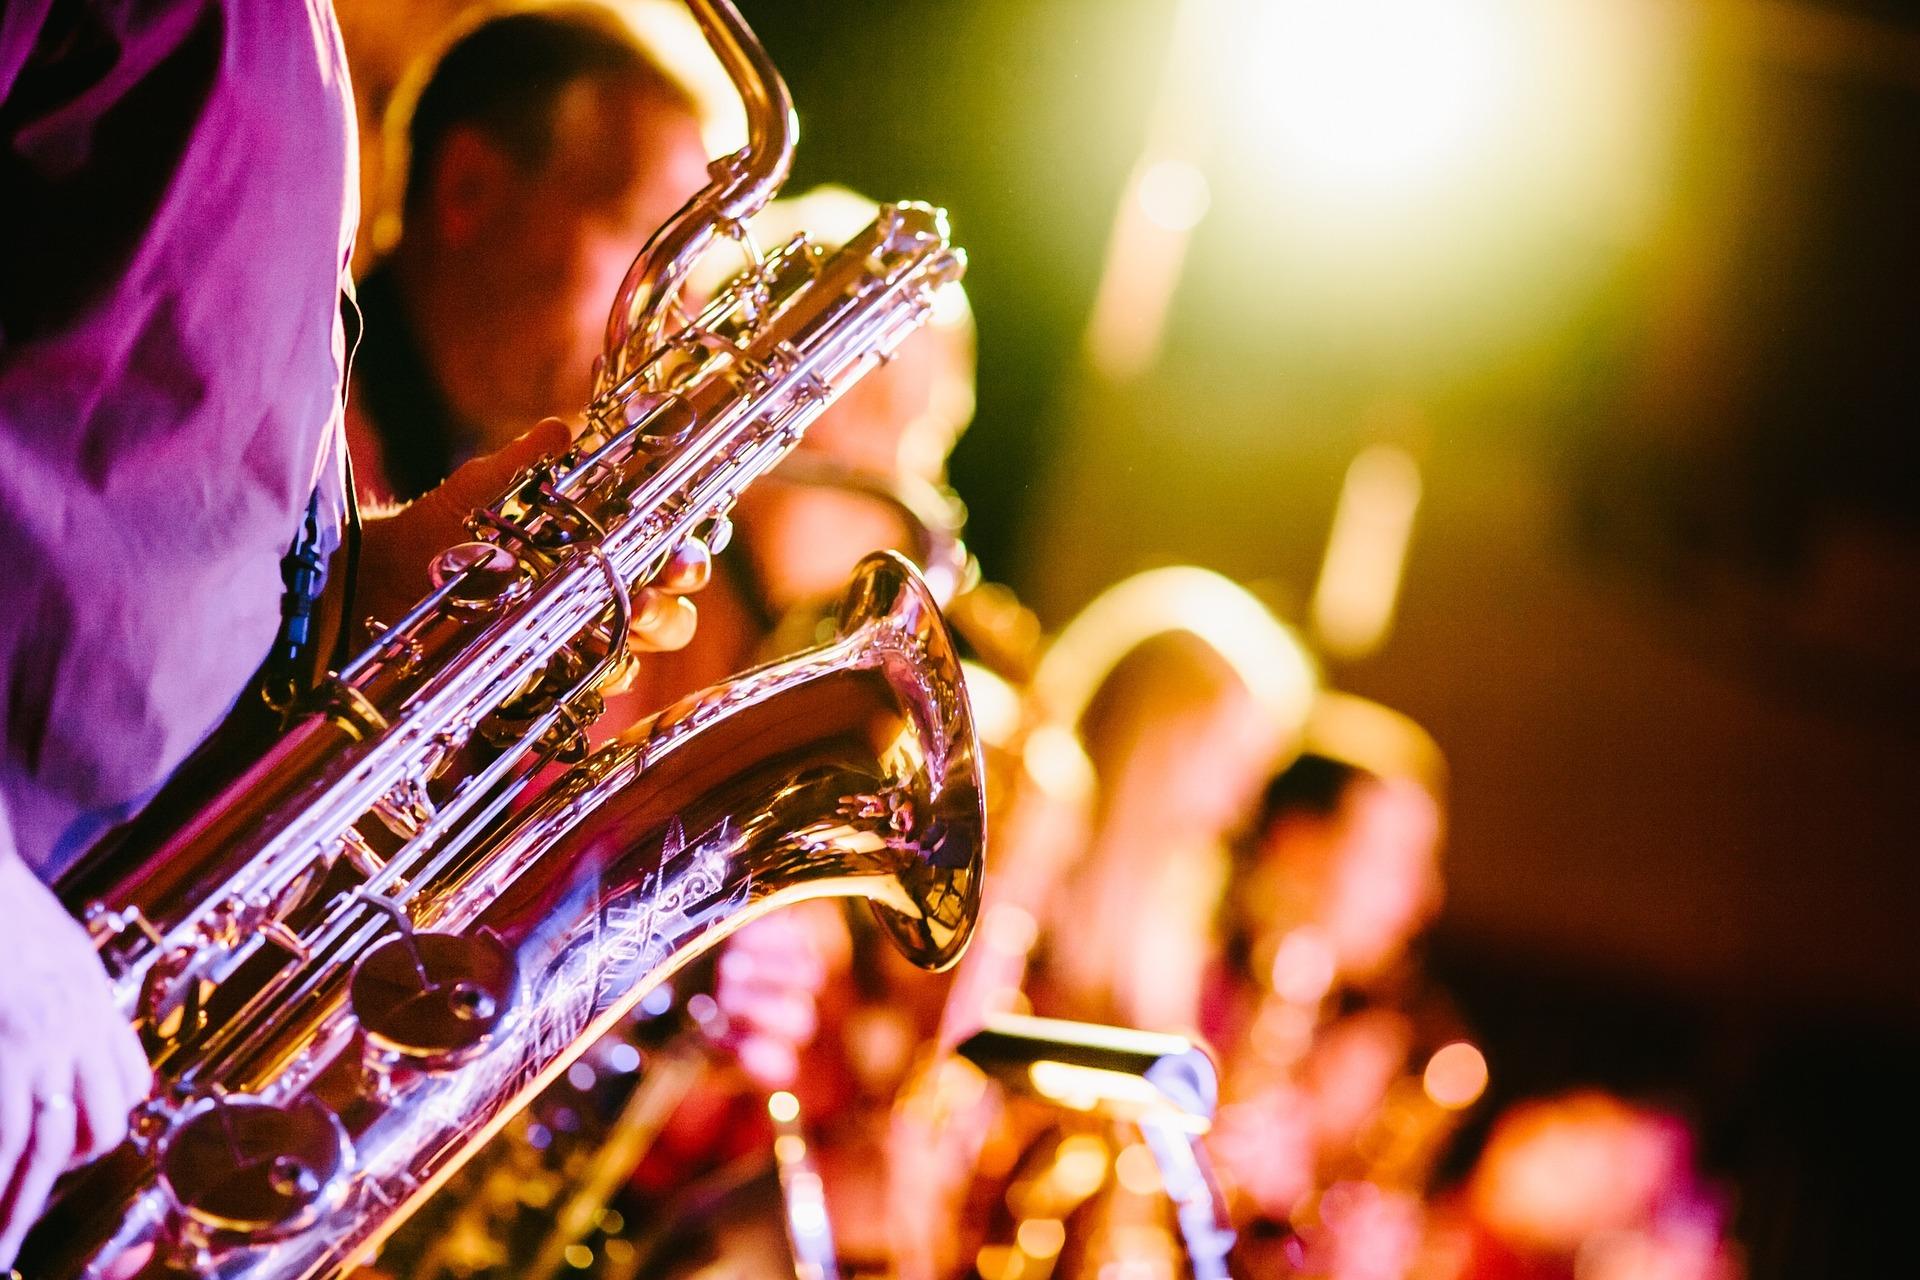 Värilähikuva saksofoneista, taustalla rivi soittajia.